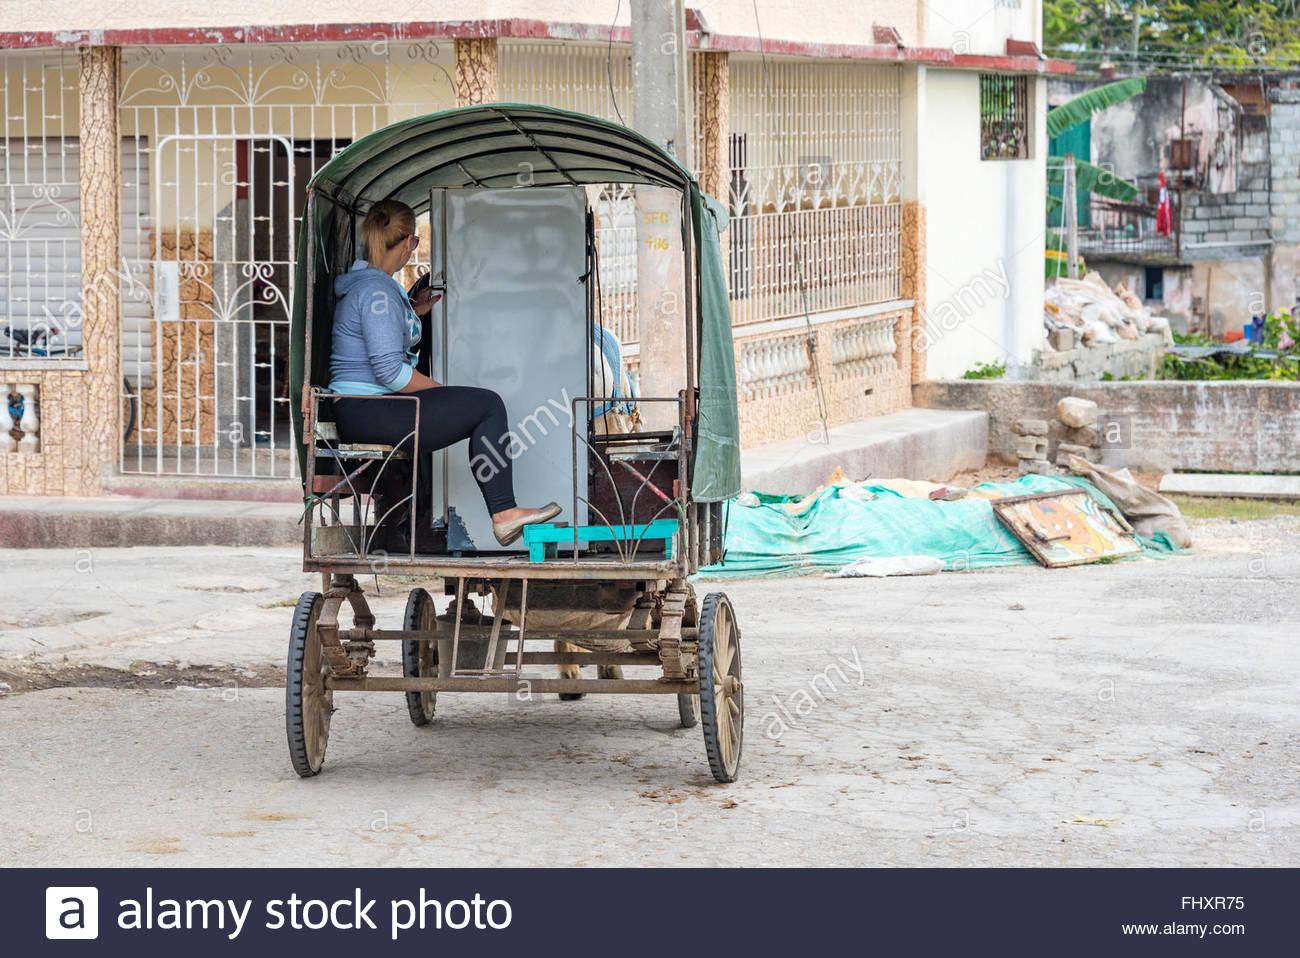 Amerikanischer Kühlschrank Transportieren : Kubanische pferdekutsche kutsche einen kühlschrank in der stadt zu